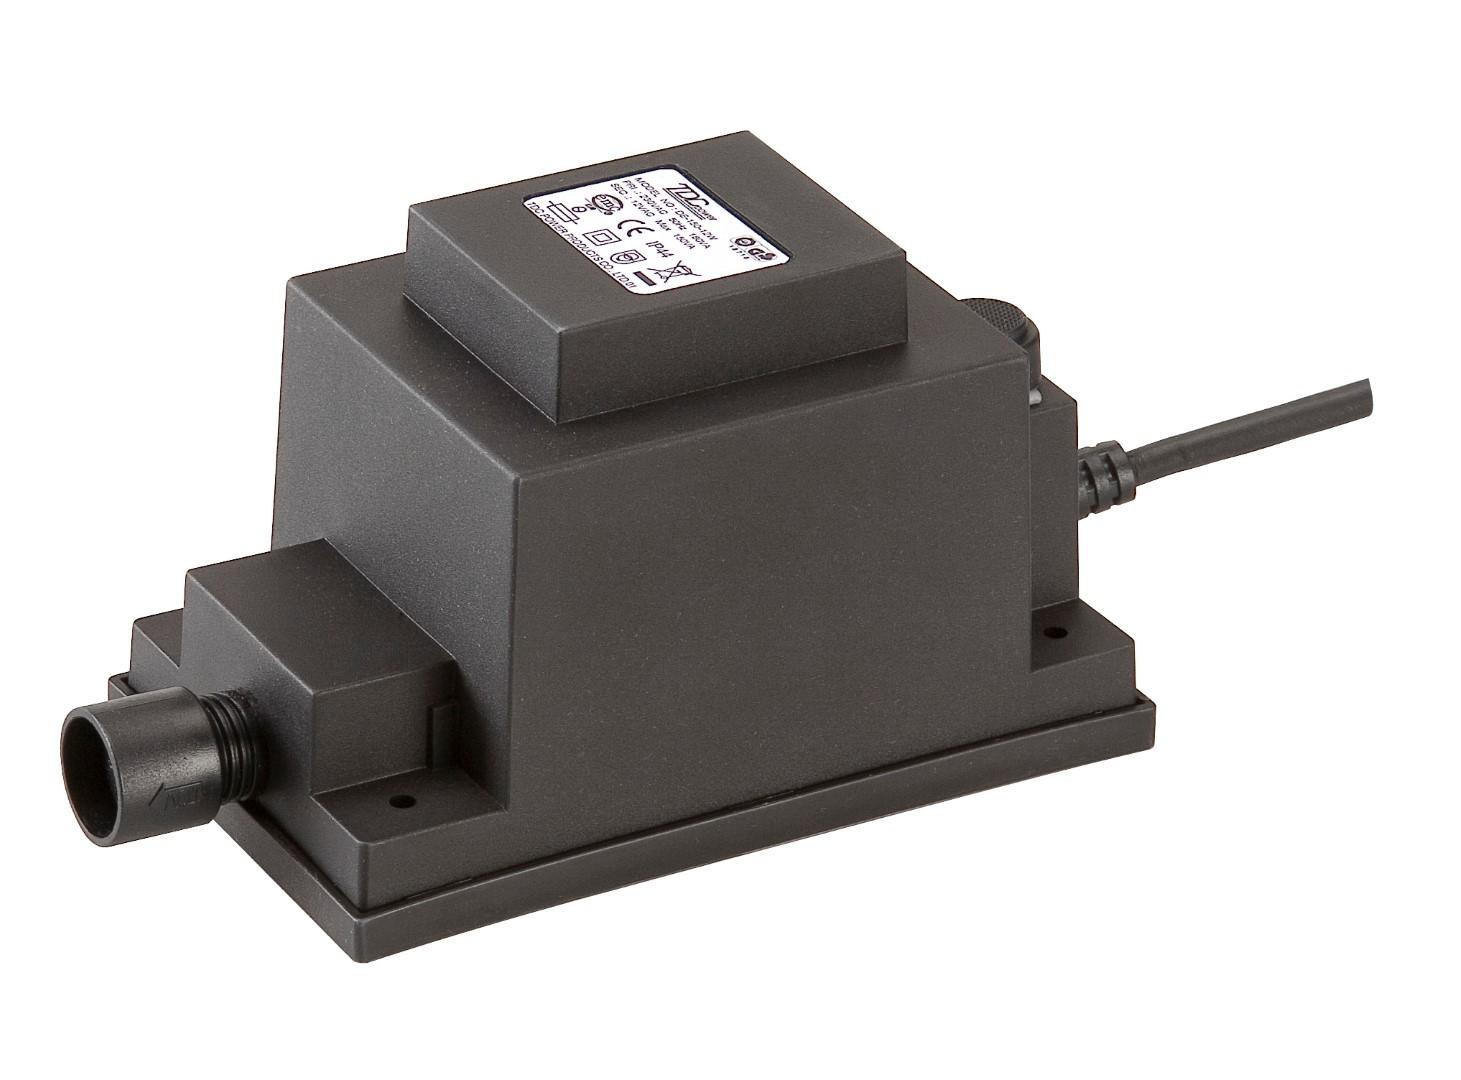 Buiten verlichting Transformator 12V 150 W Garden Lights